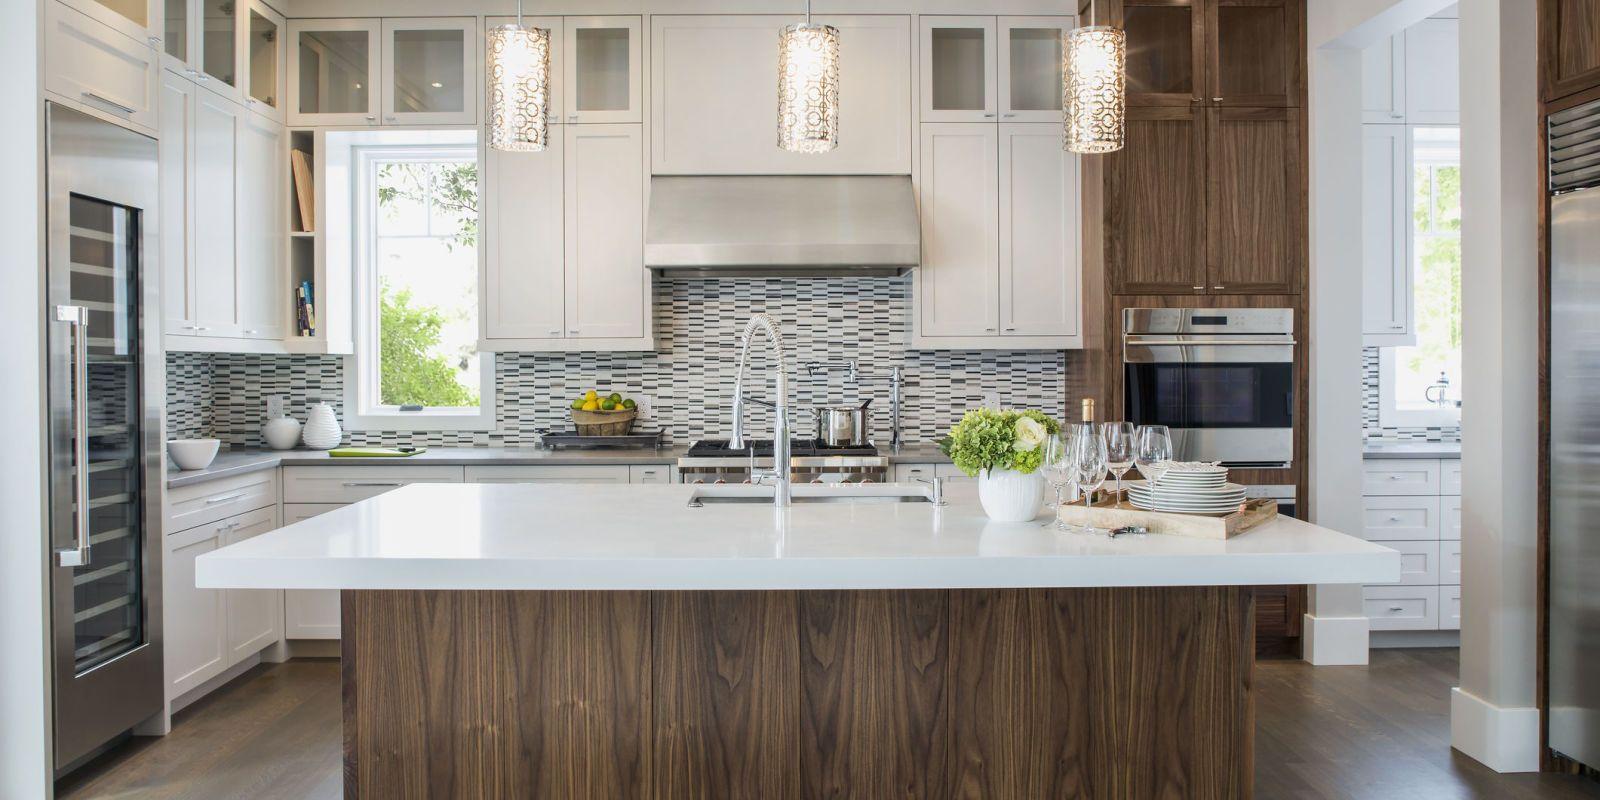 küche und bad design küche renovieren inspiration kleine